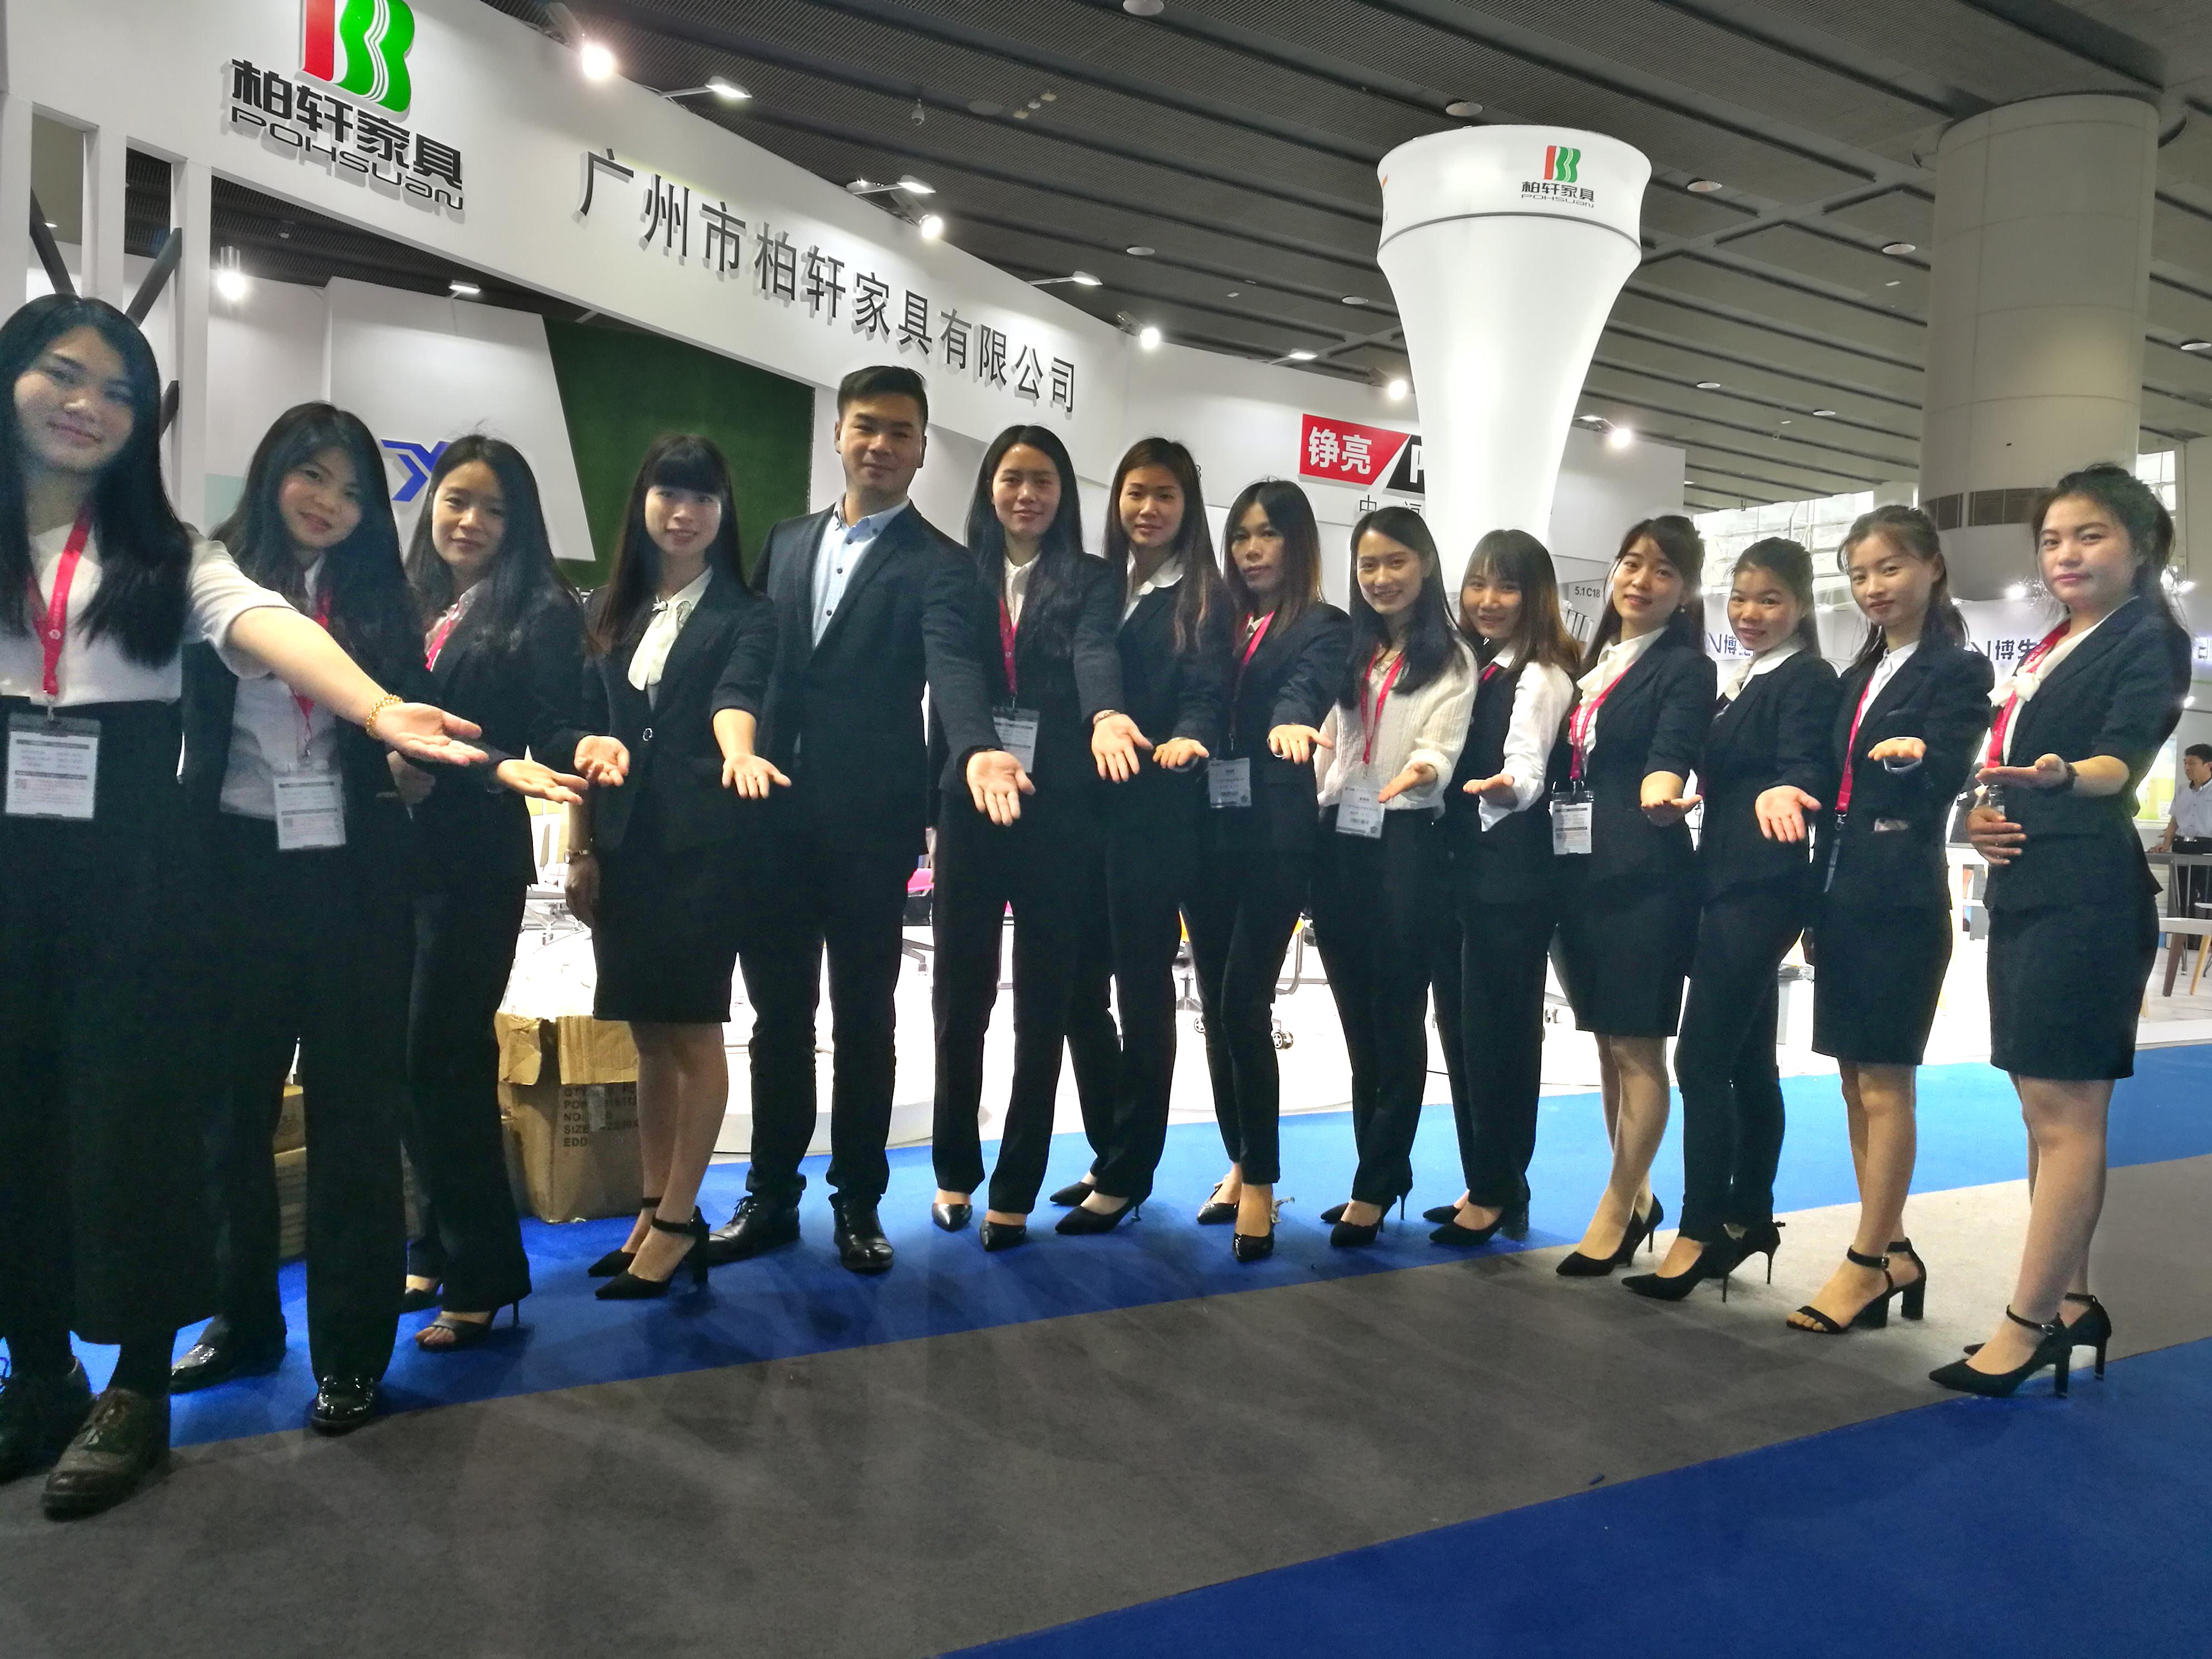 柏轩bwin必赢官方网页之第41届中国(广州)国际bwin必赢官方网页博览会